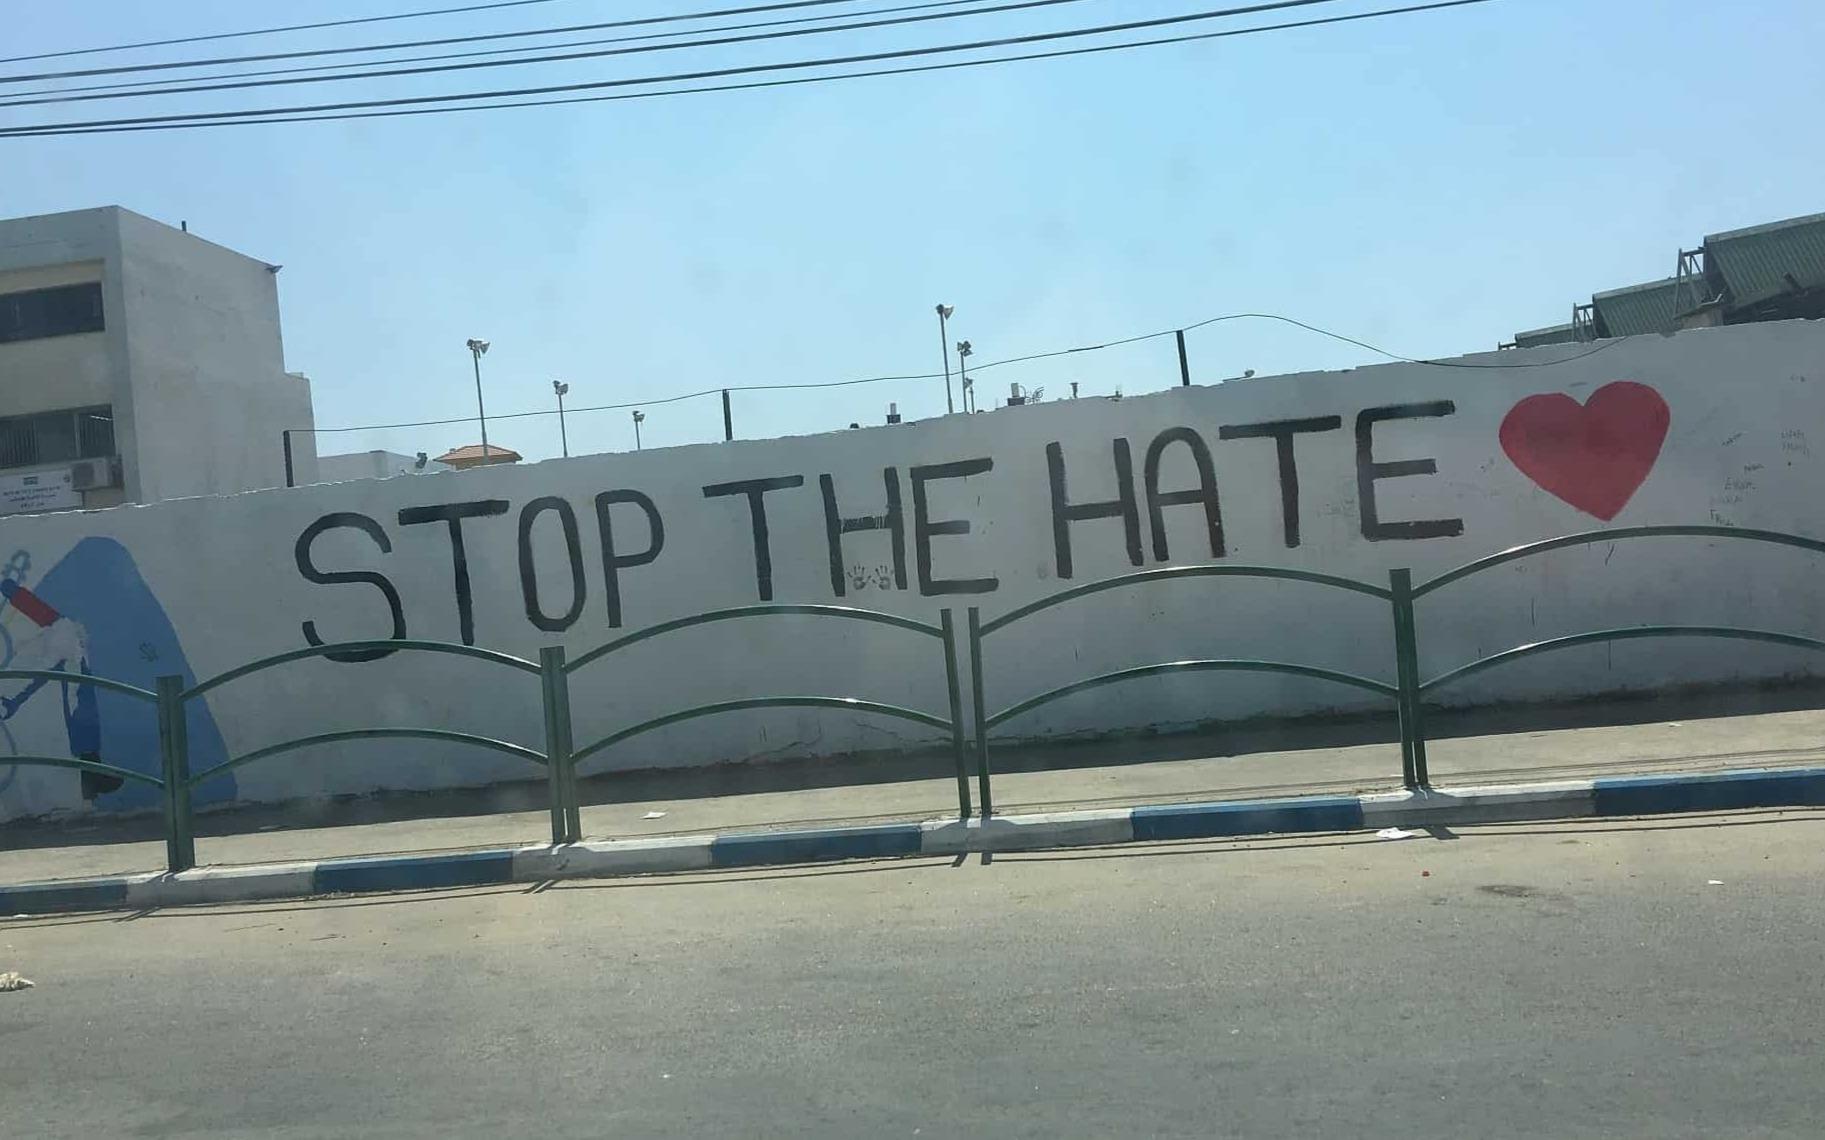 Graffiti in Jisr az-Zarka, a coastal Arab-Israeli town north of Caesarea. (Amir Ben David)